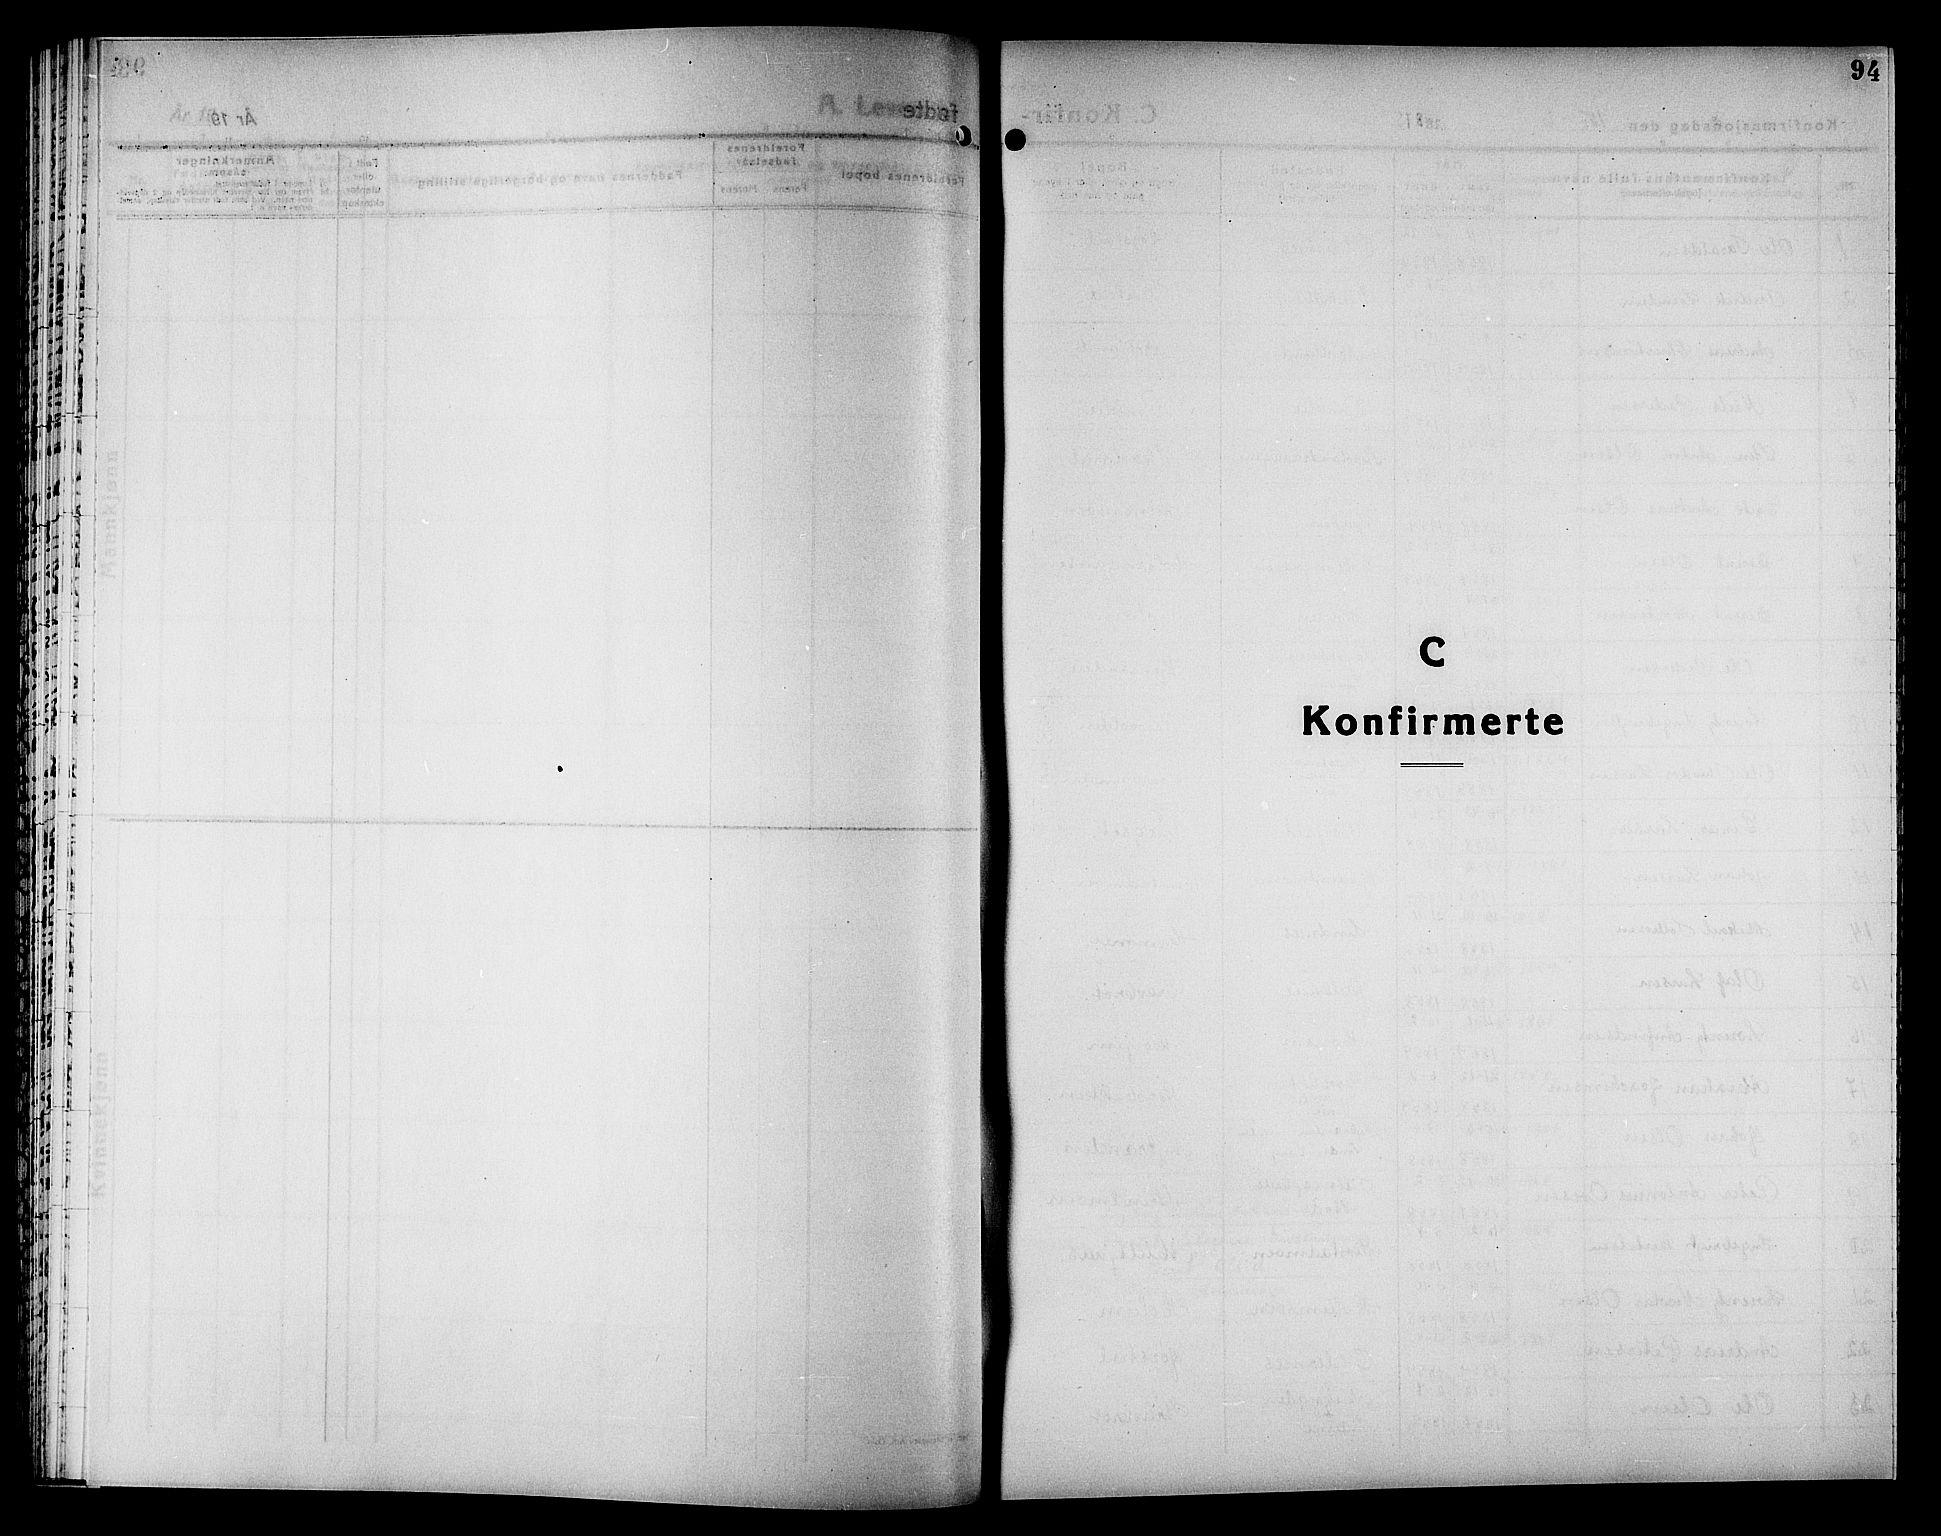 SAT, Ministerialprotokoller, klokkerbøker og fødselsregistre - Nord-Trøndelag, 749/L0486: Ministerialbok nr. 749D02, 1873-1887, s. 94